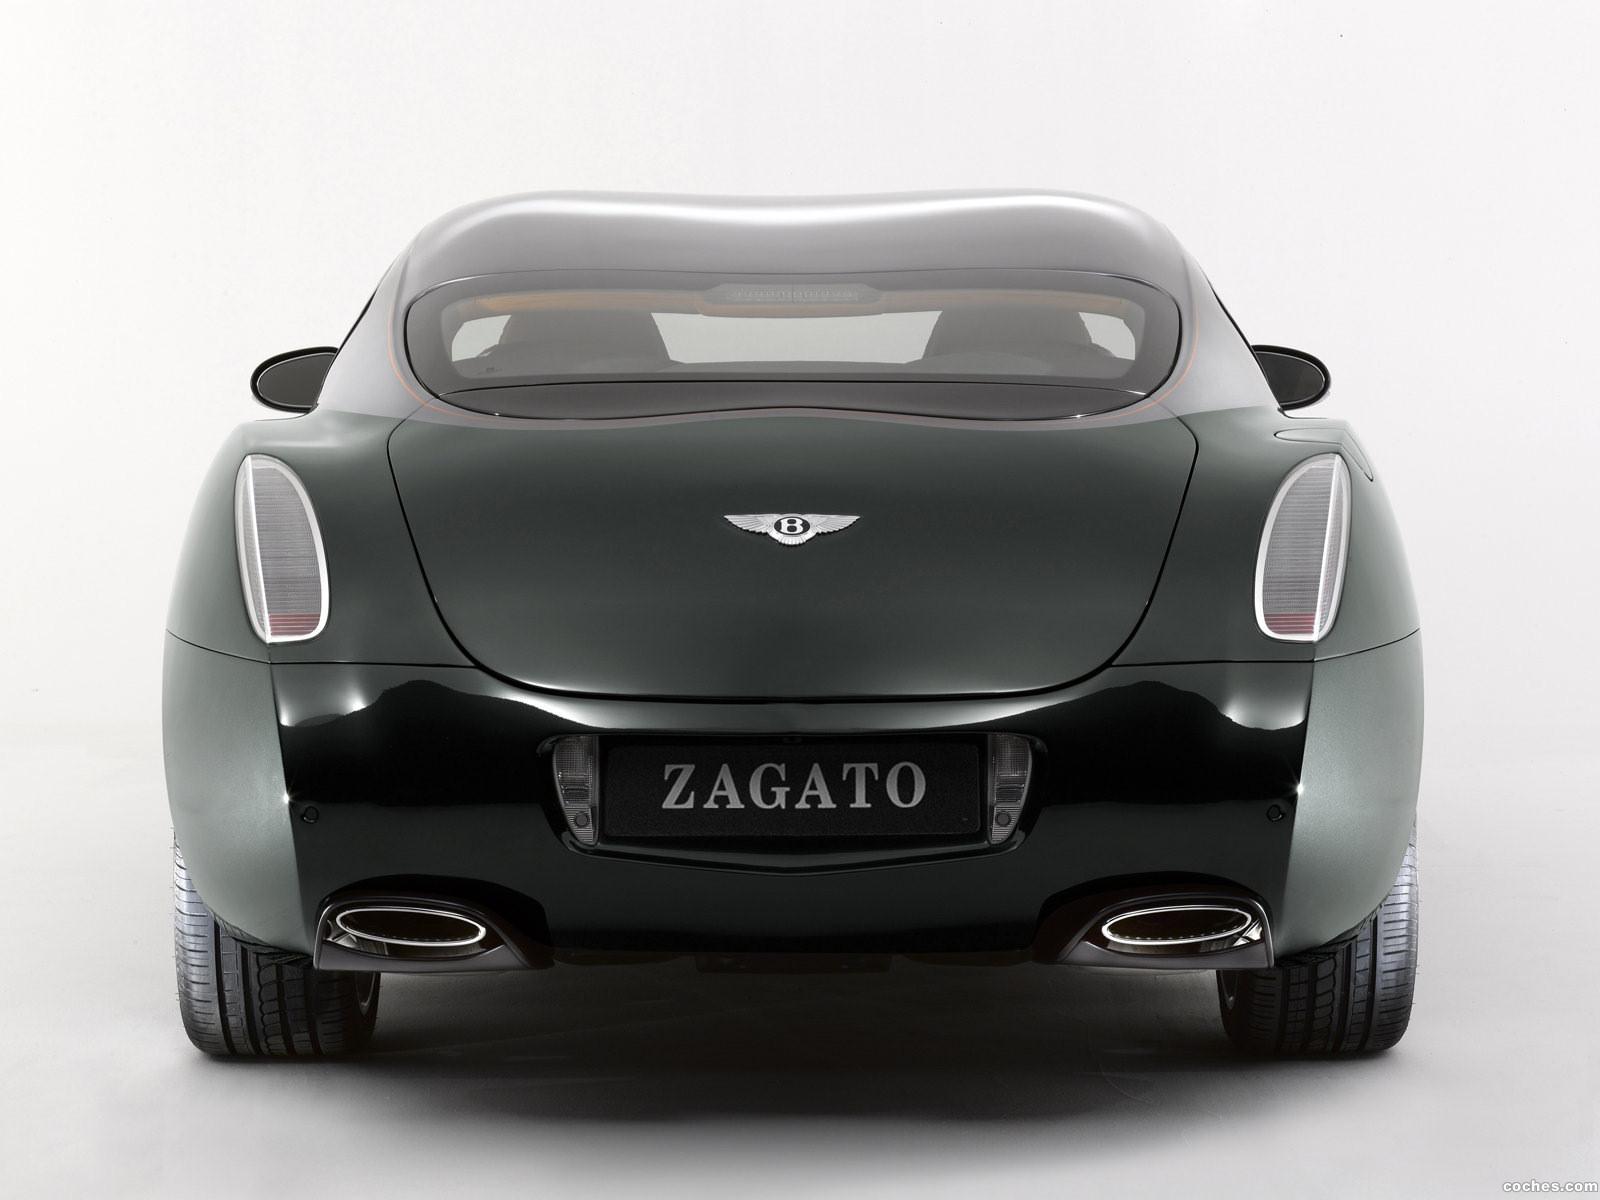 Foto 1 de Bentley GTZ Zagato Concept 2008